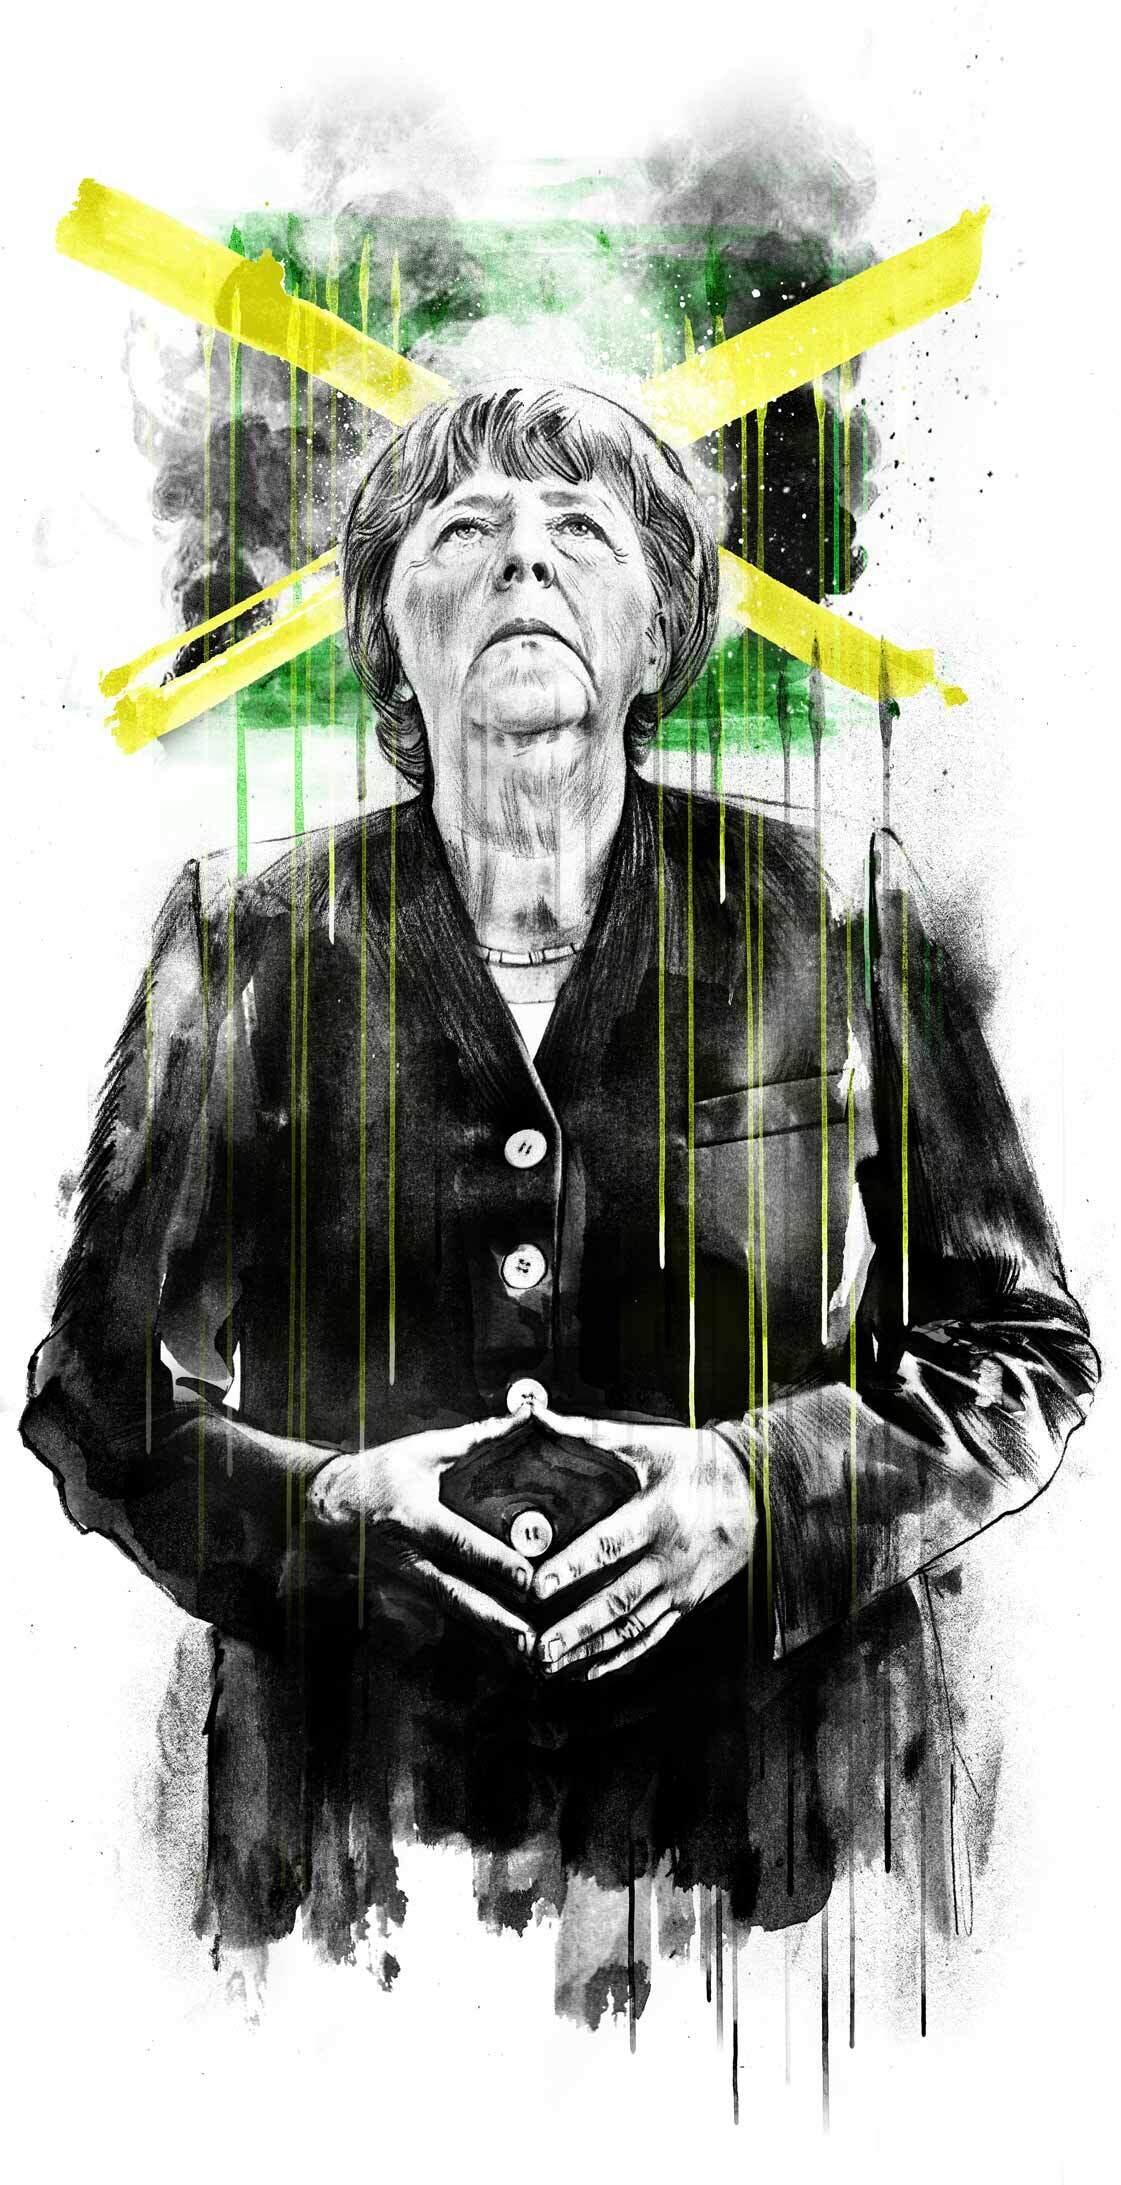 Merkel Jamaika Koalition Illustration Editorial Portrait - Kornel Illustration | Kornel Stadler portfolio